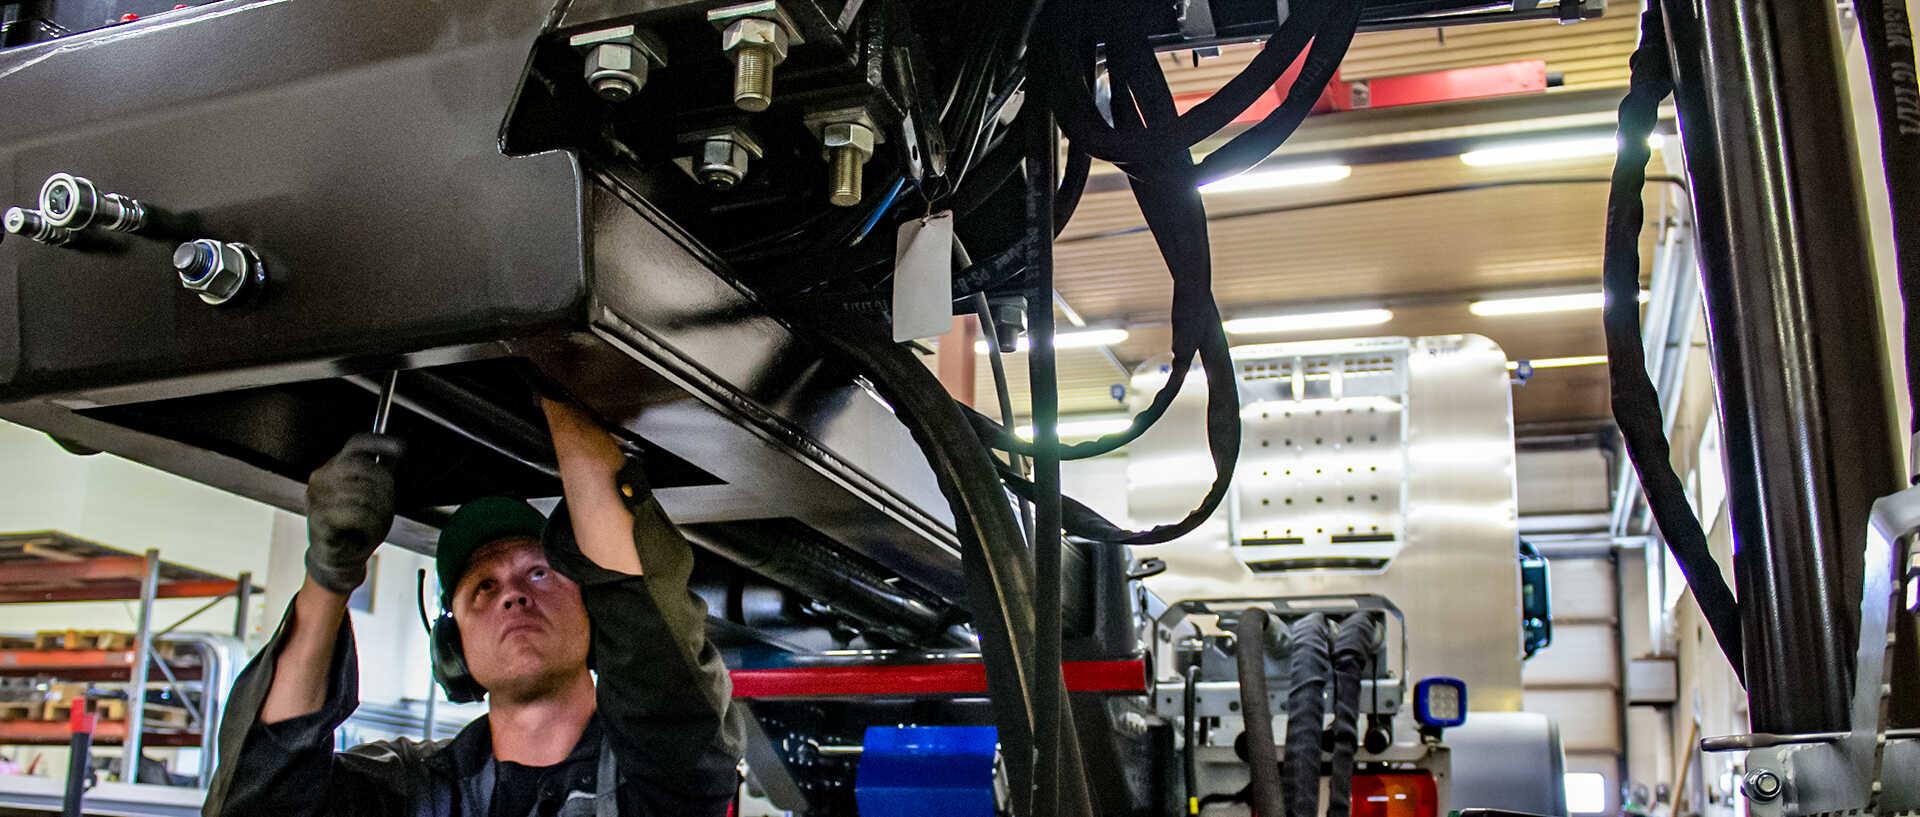 konekorjaamo-riikonen-oy-raskaan-kaluston-korjaamo-riiko-päällirakenteet